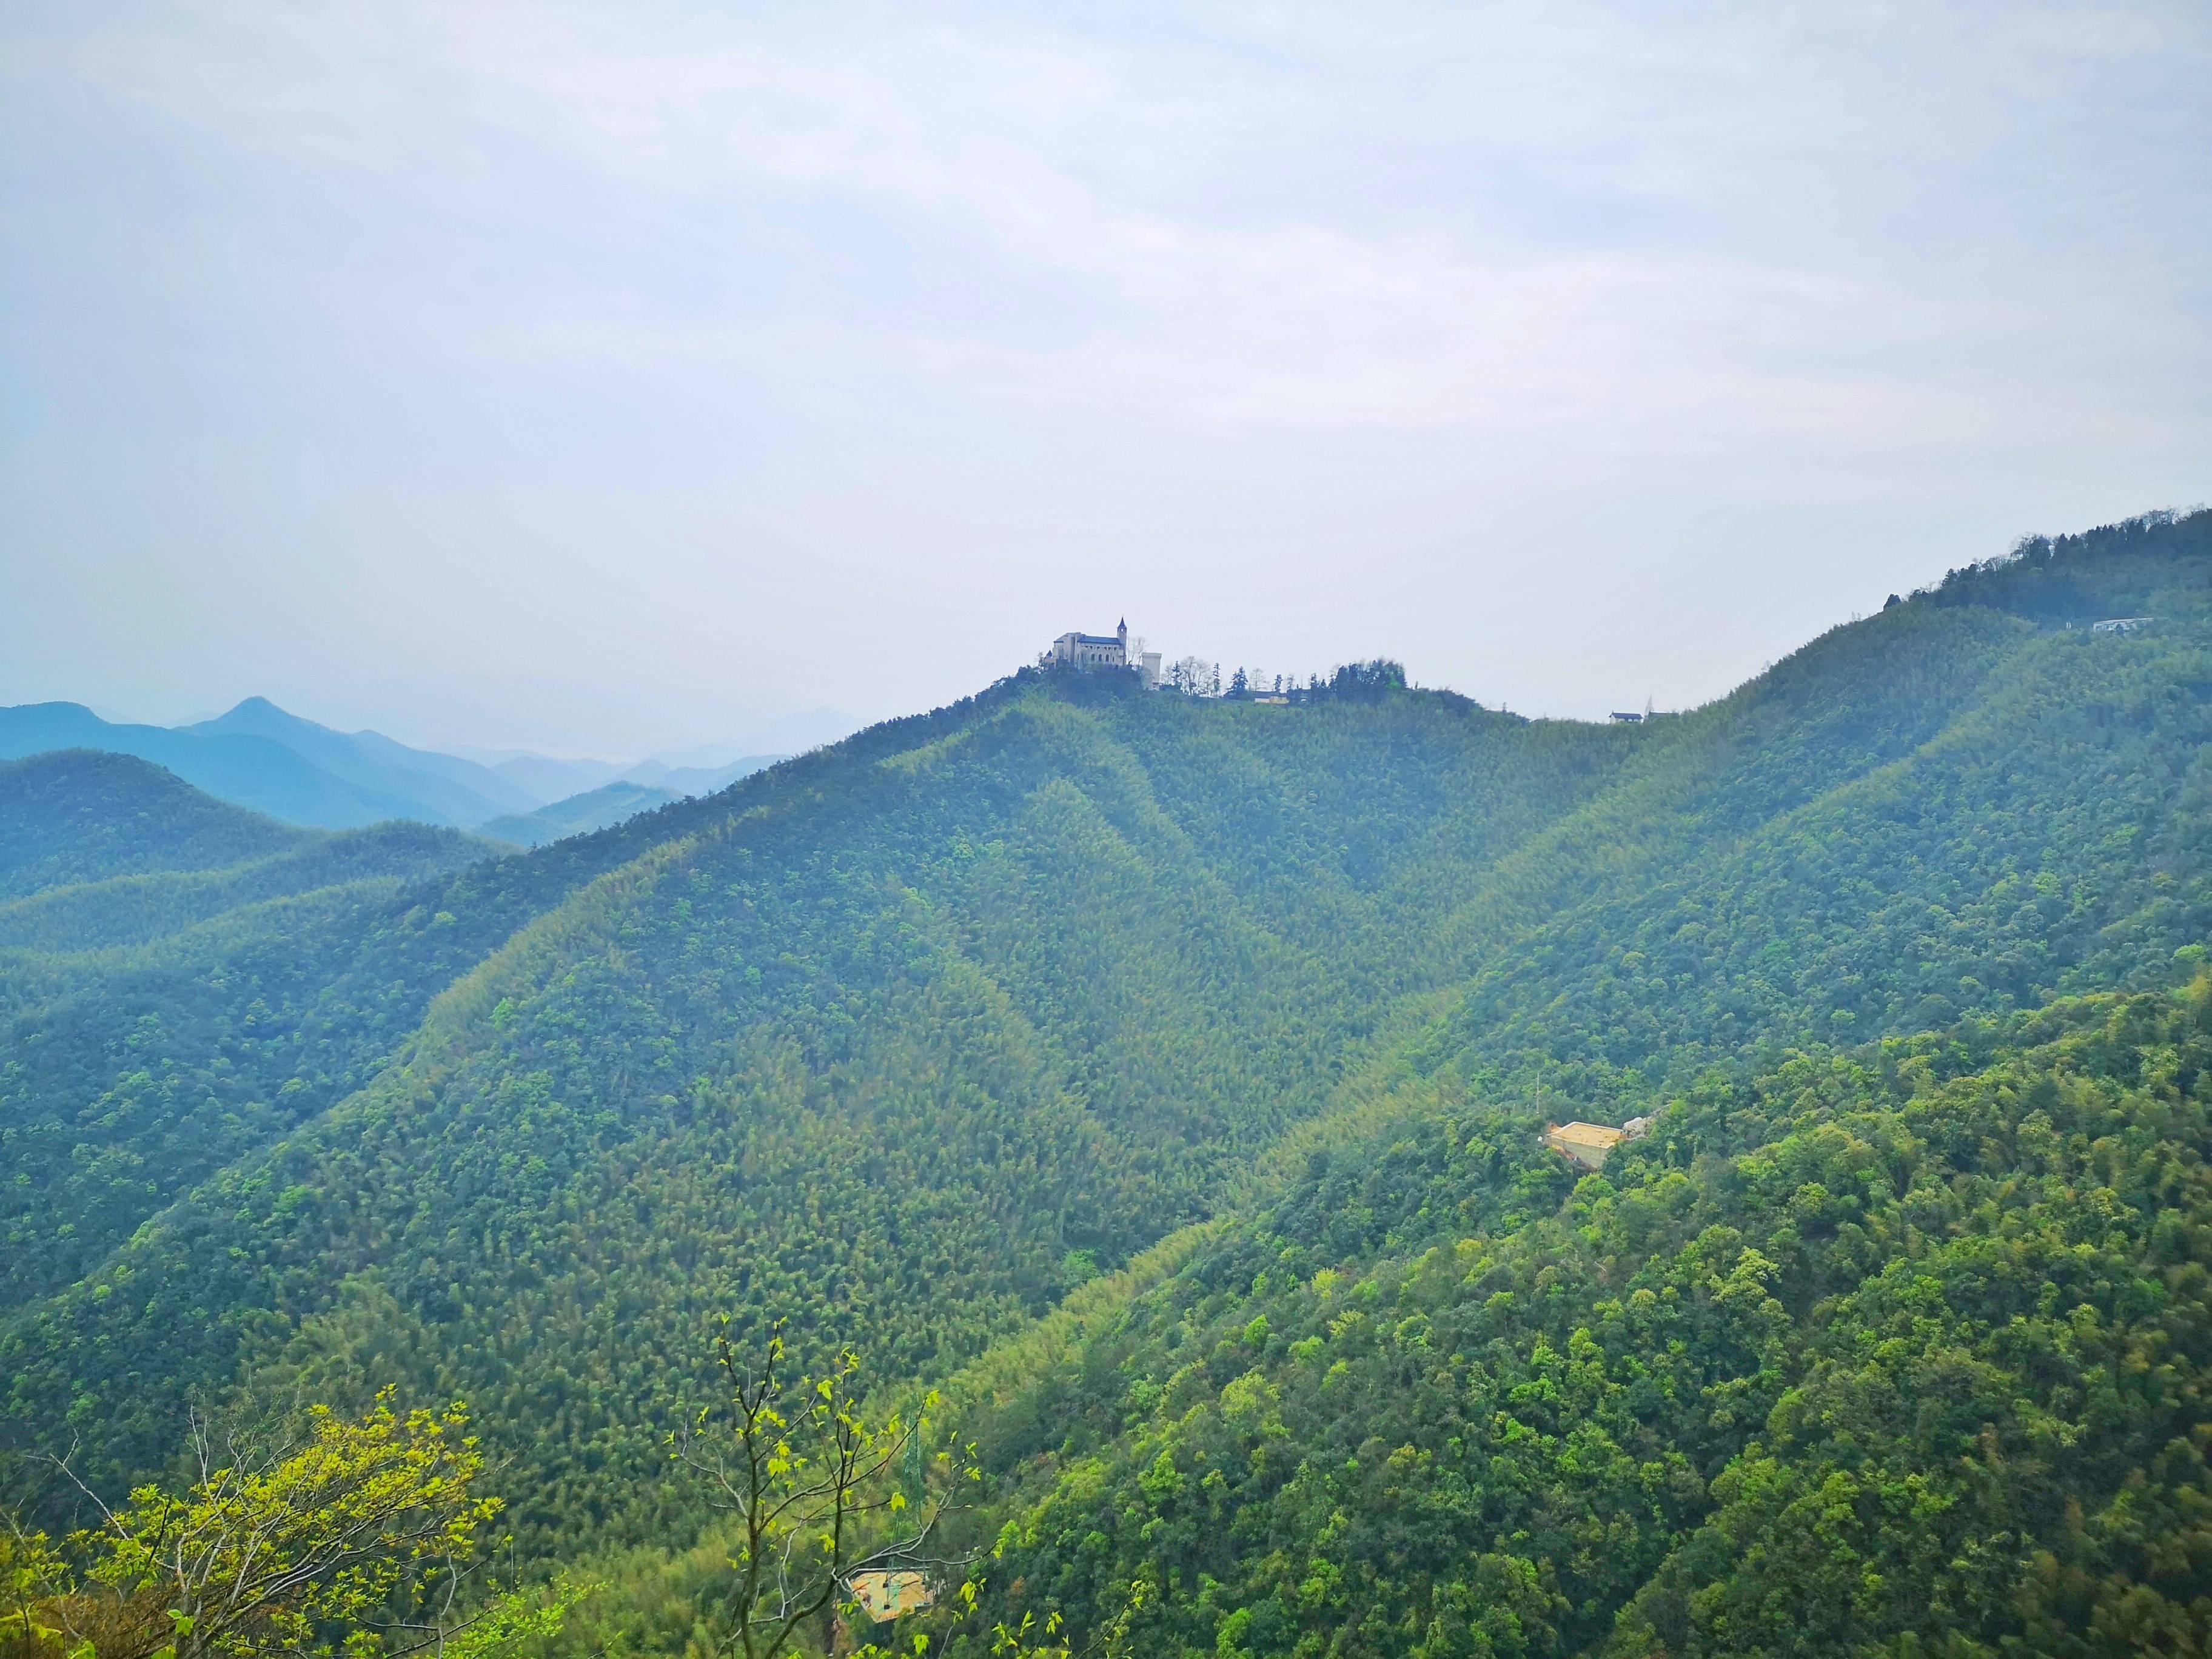 江浙沪最适合度假的地方,居然还是蒋介石和宋美龄的新婚蜜月地!